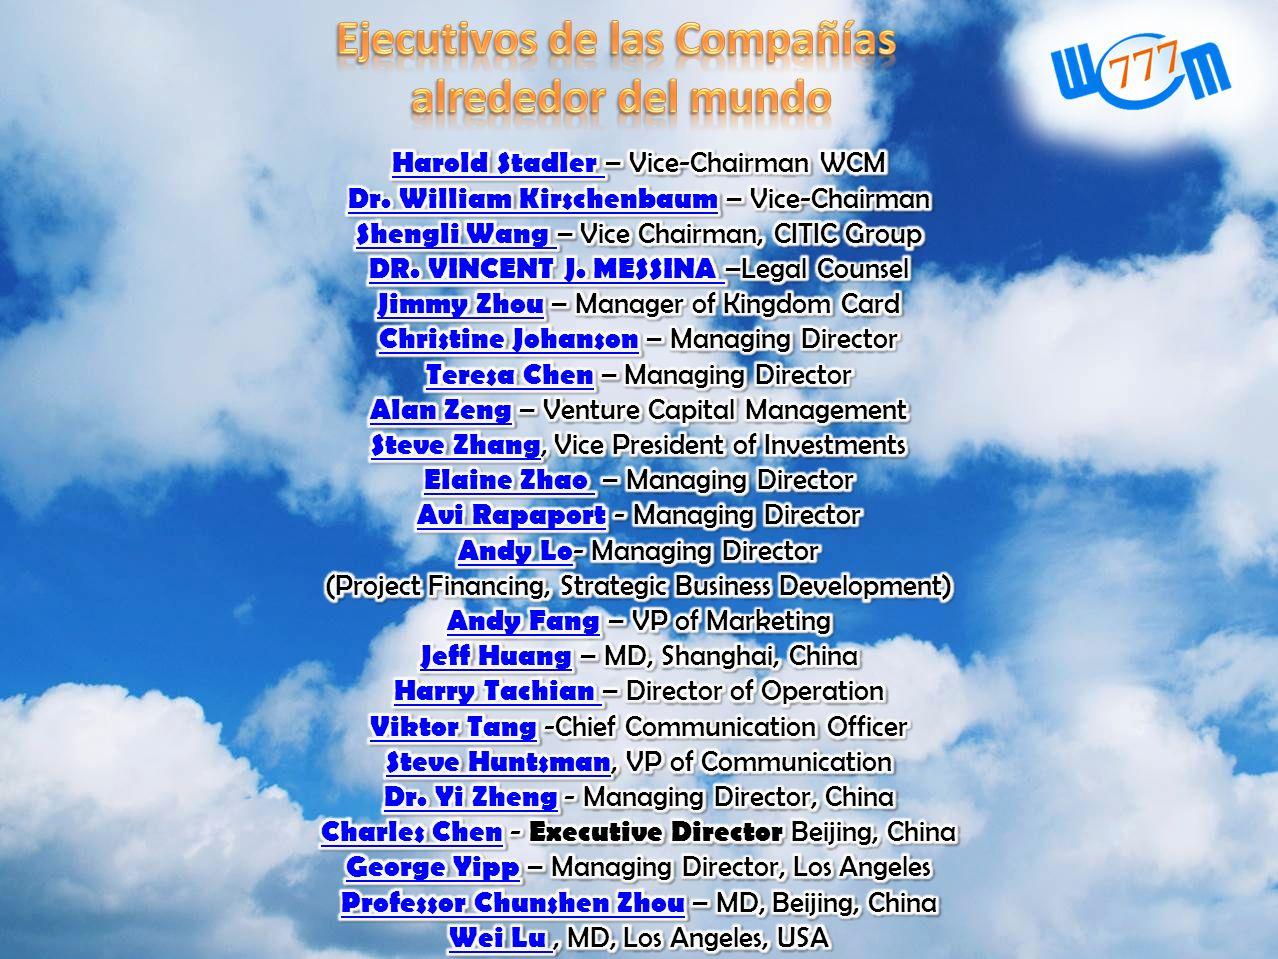 Ejecutivos de las Compañías